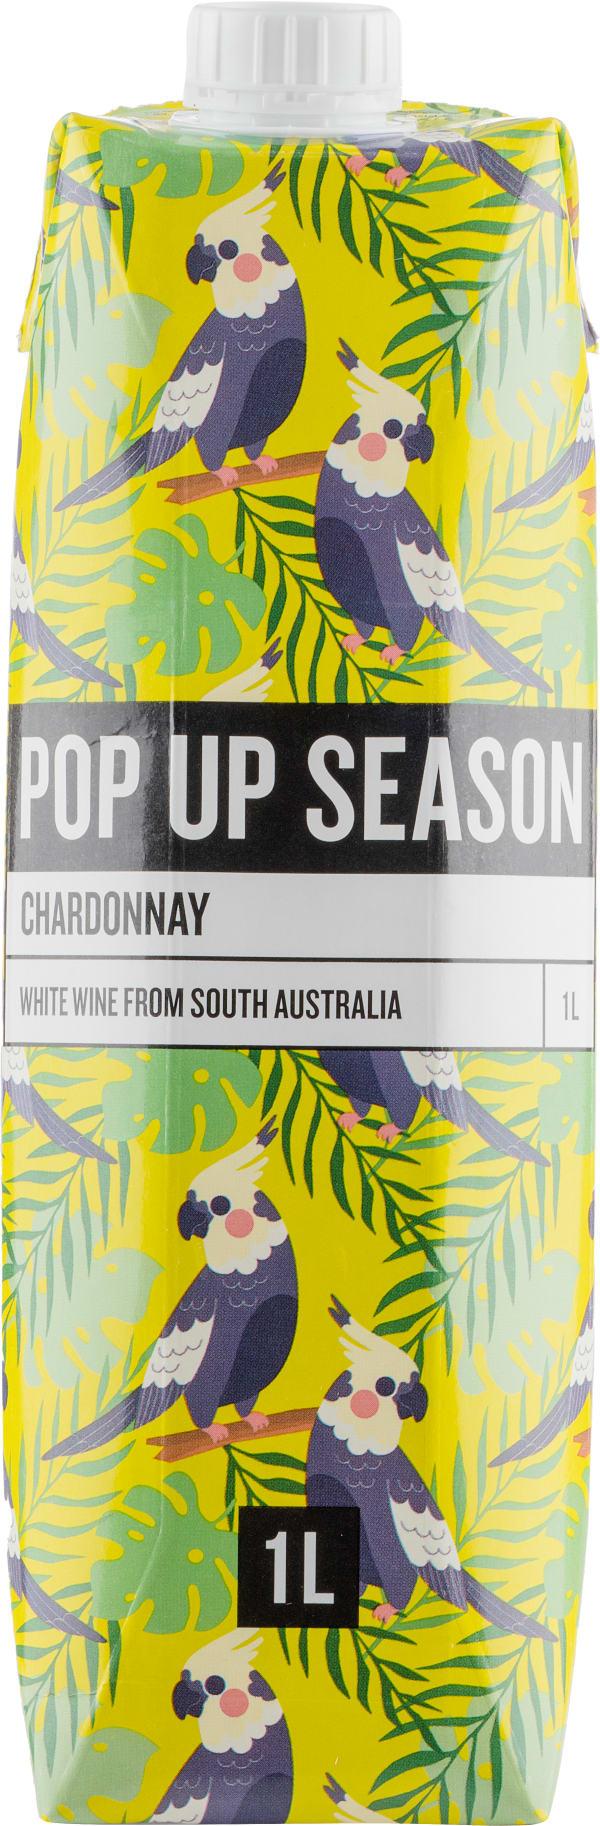 Pop Up Season Chardonnay 2017 kartongförpackning